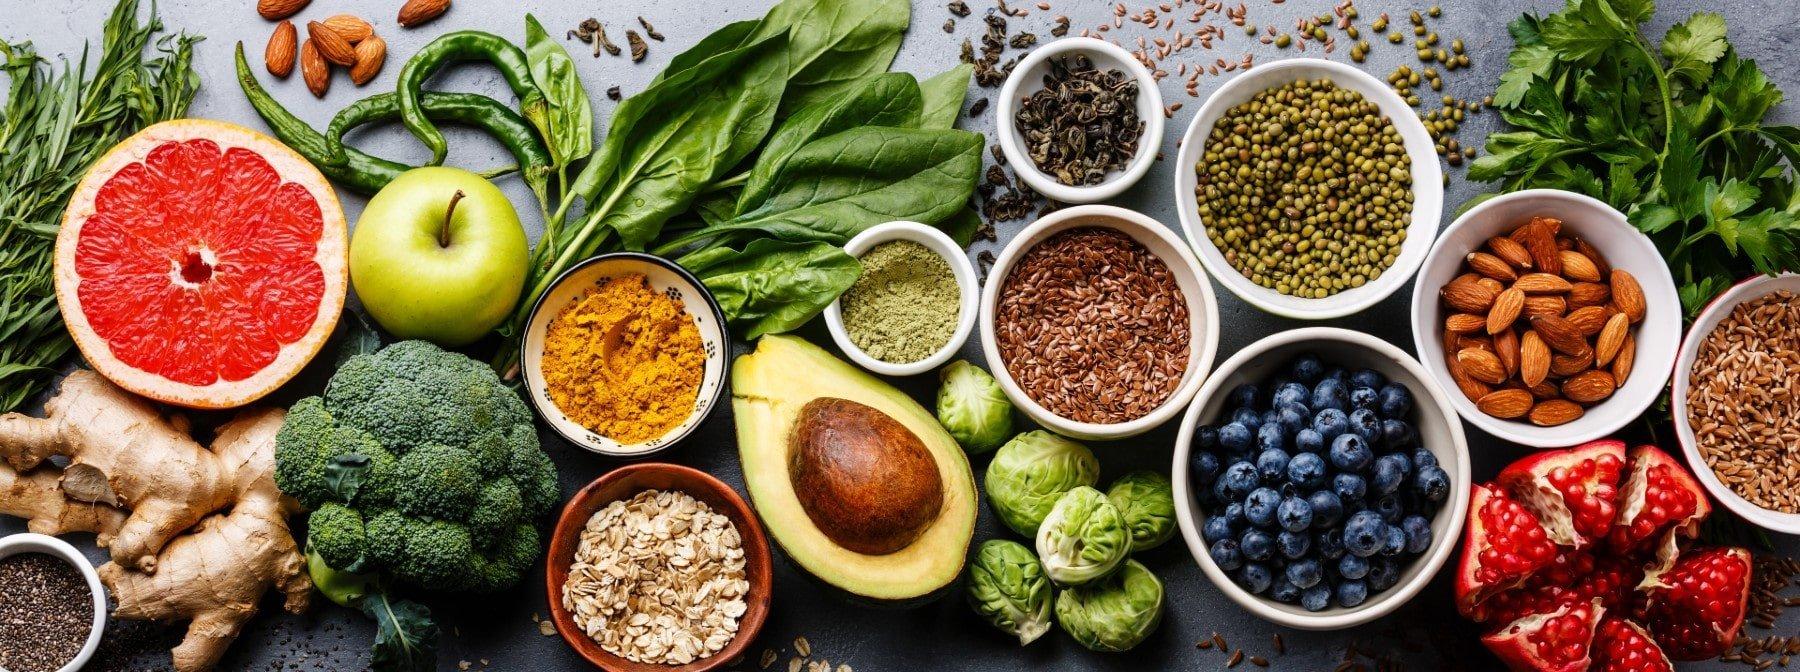 Veriryhmä ja ruokavalio | Syö oman veriryhmäsi mukaan